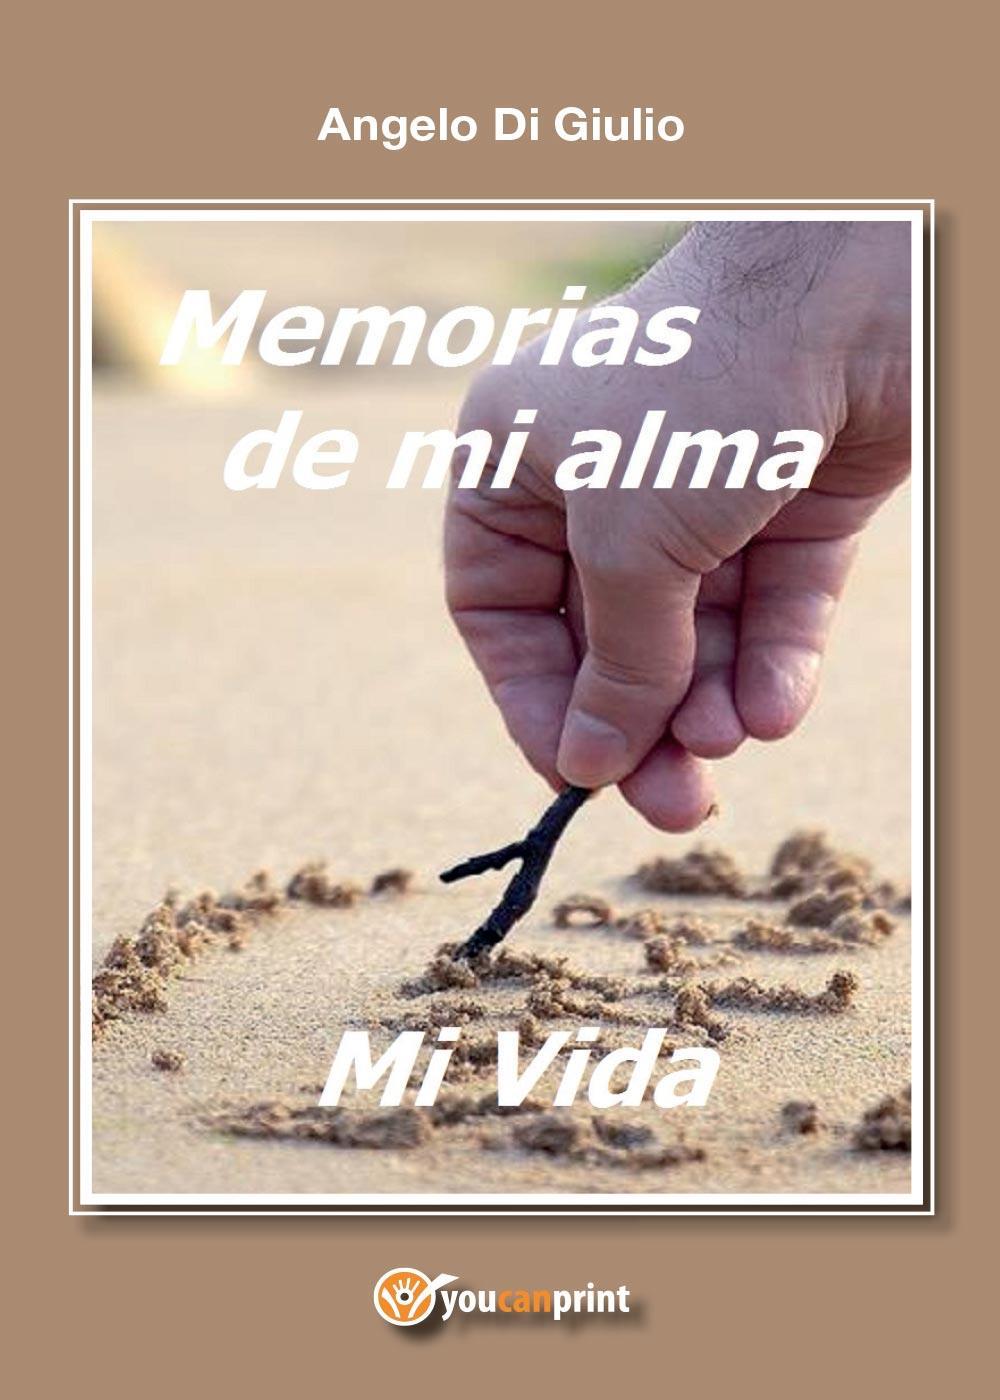 Memorias de mi alma, mi vida